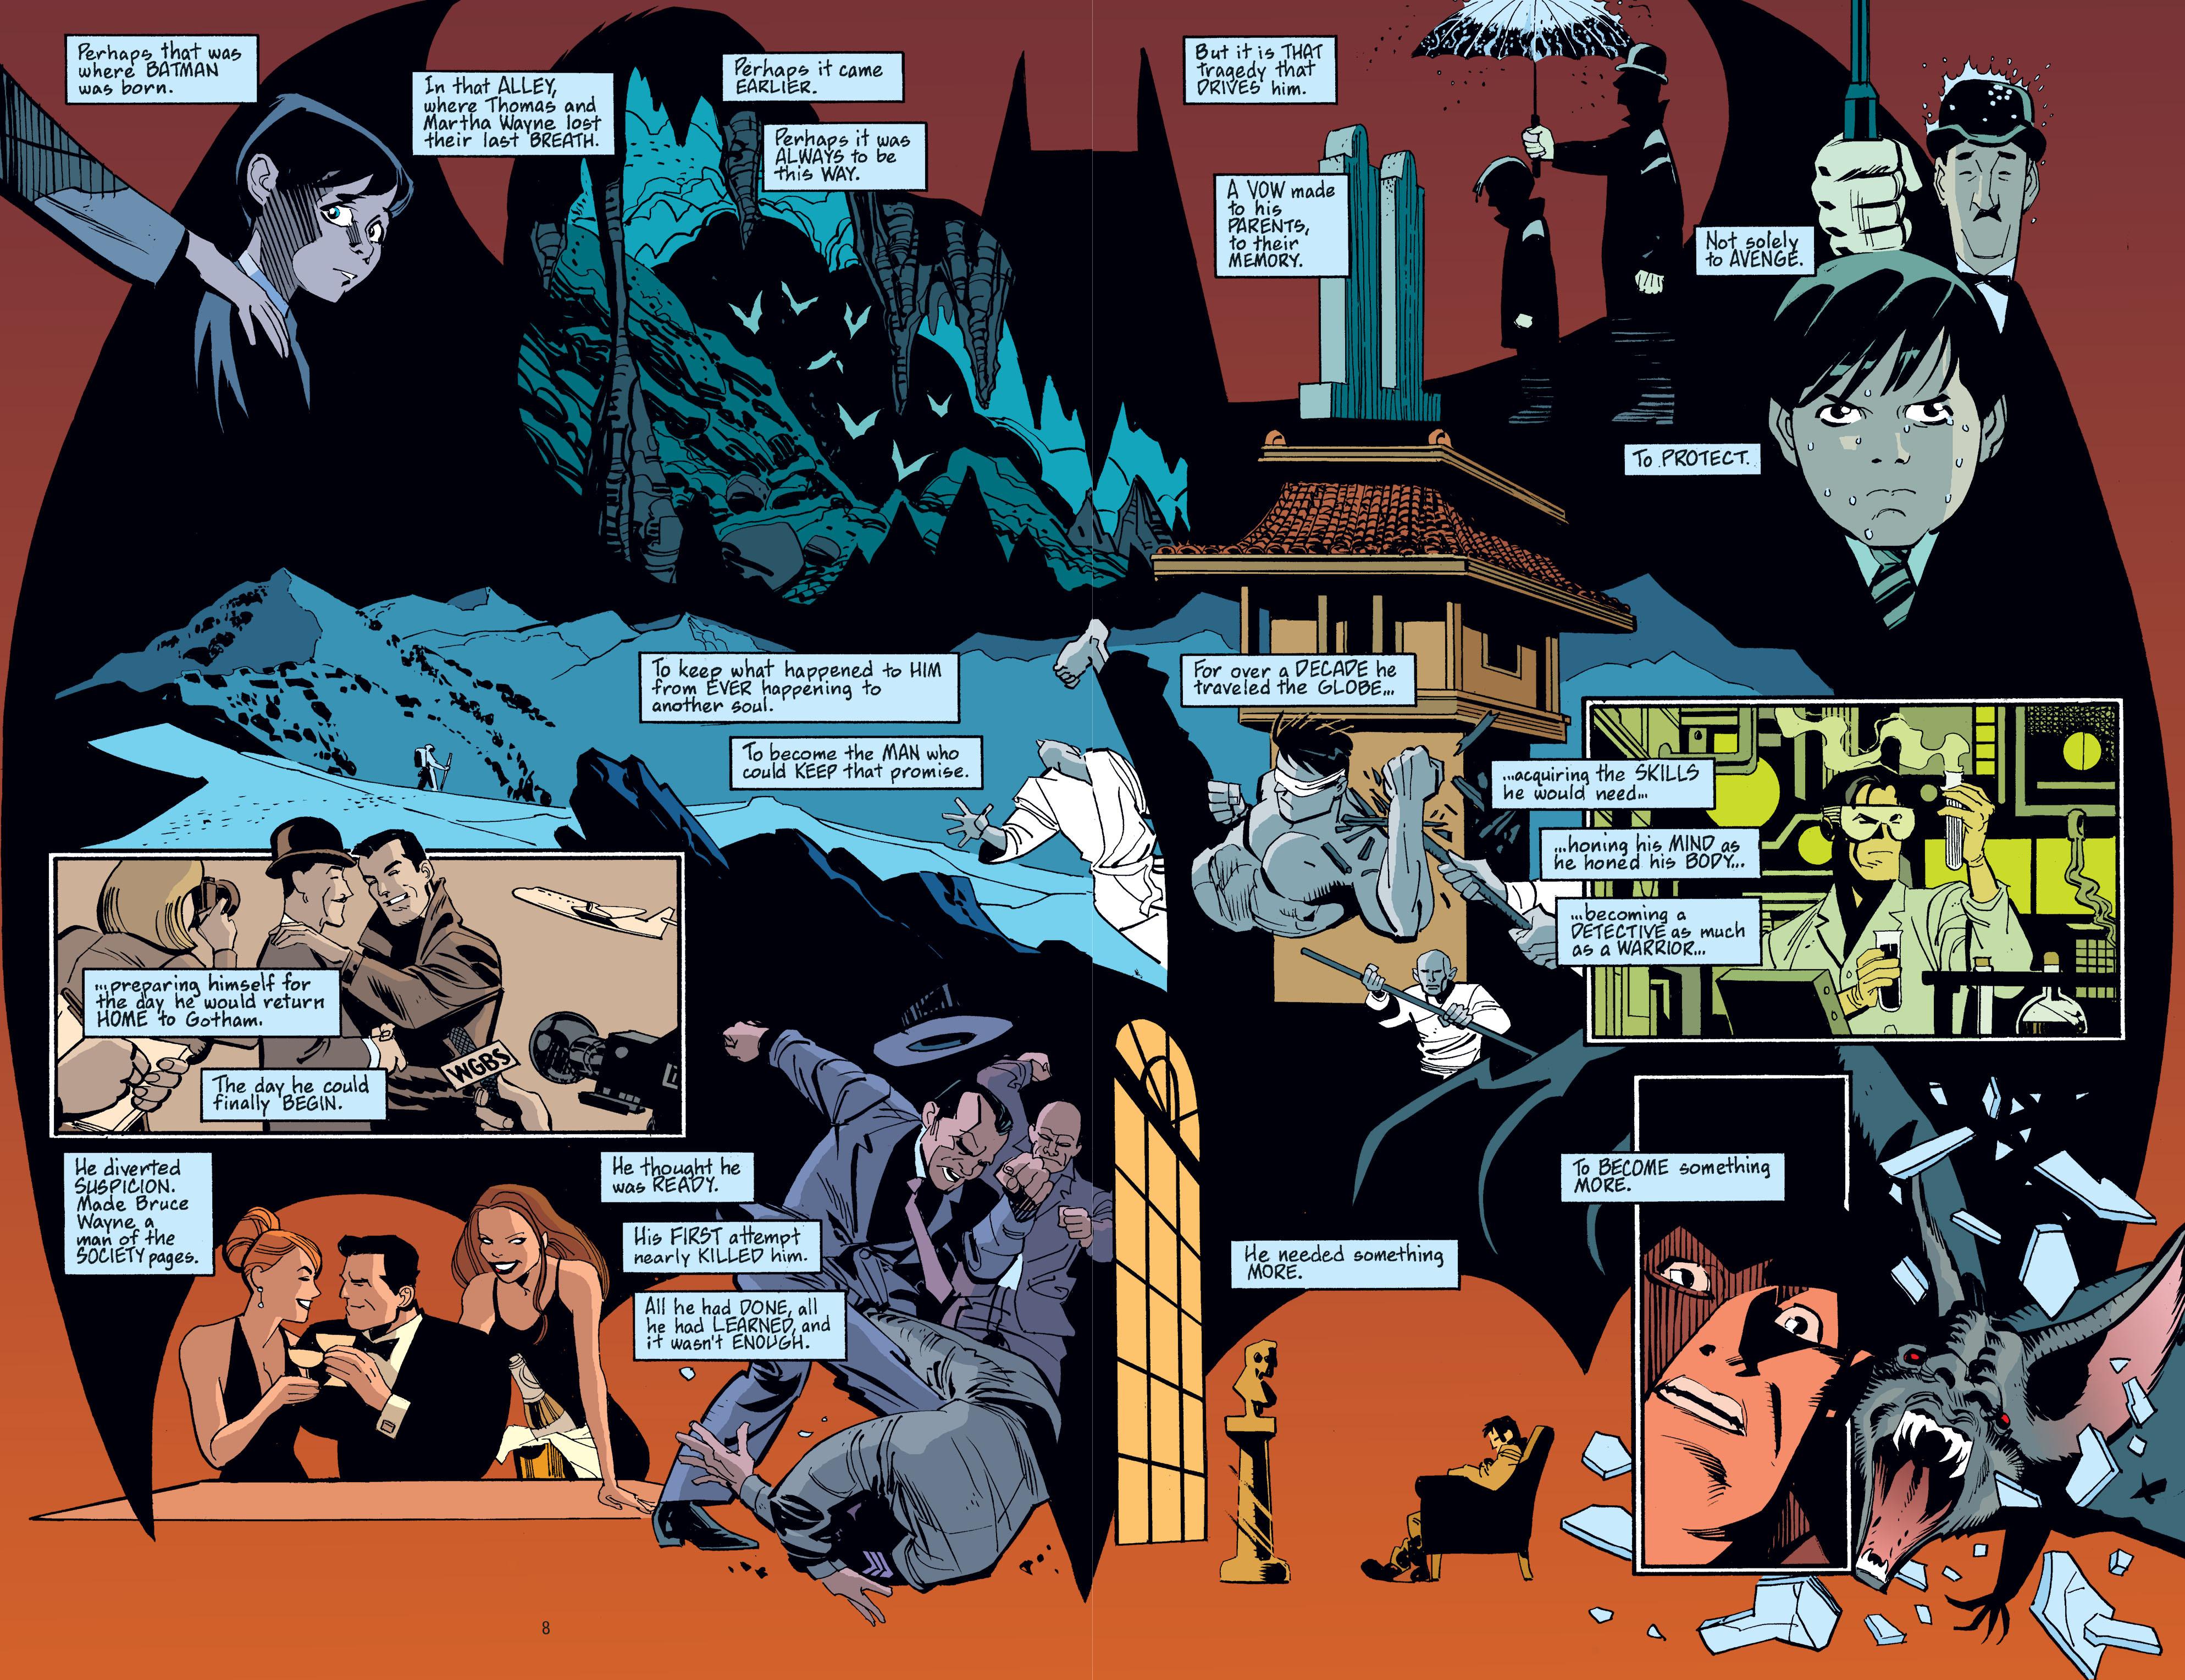 Psychology of Bruce Wayne A73ZfajHNAOdluGY5L8OSkd-I4QY9OX8zI3G_4k_eyN6oDxHki4AAx2658HsNXTNFkRDDy_9wX82=s0